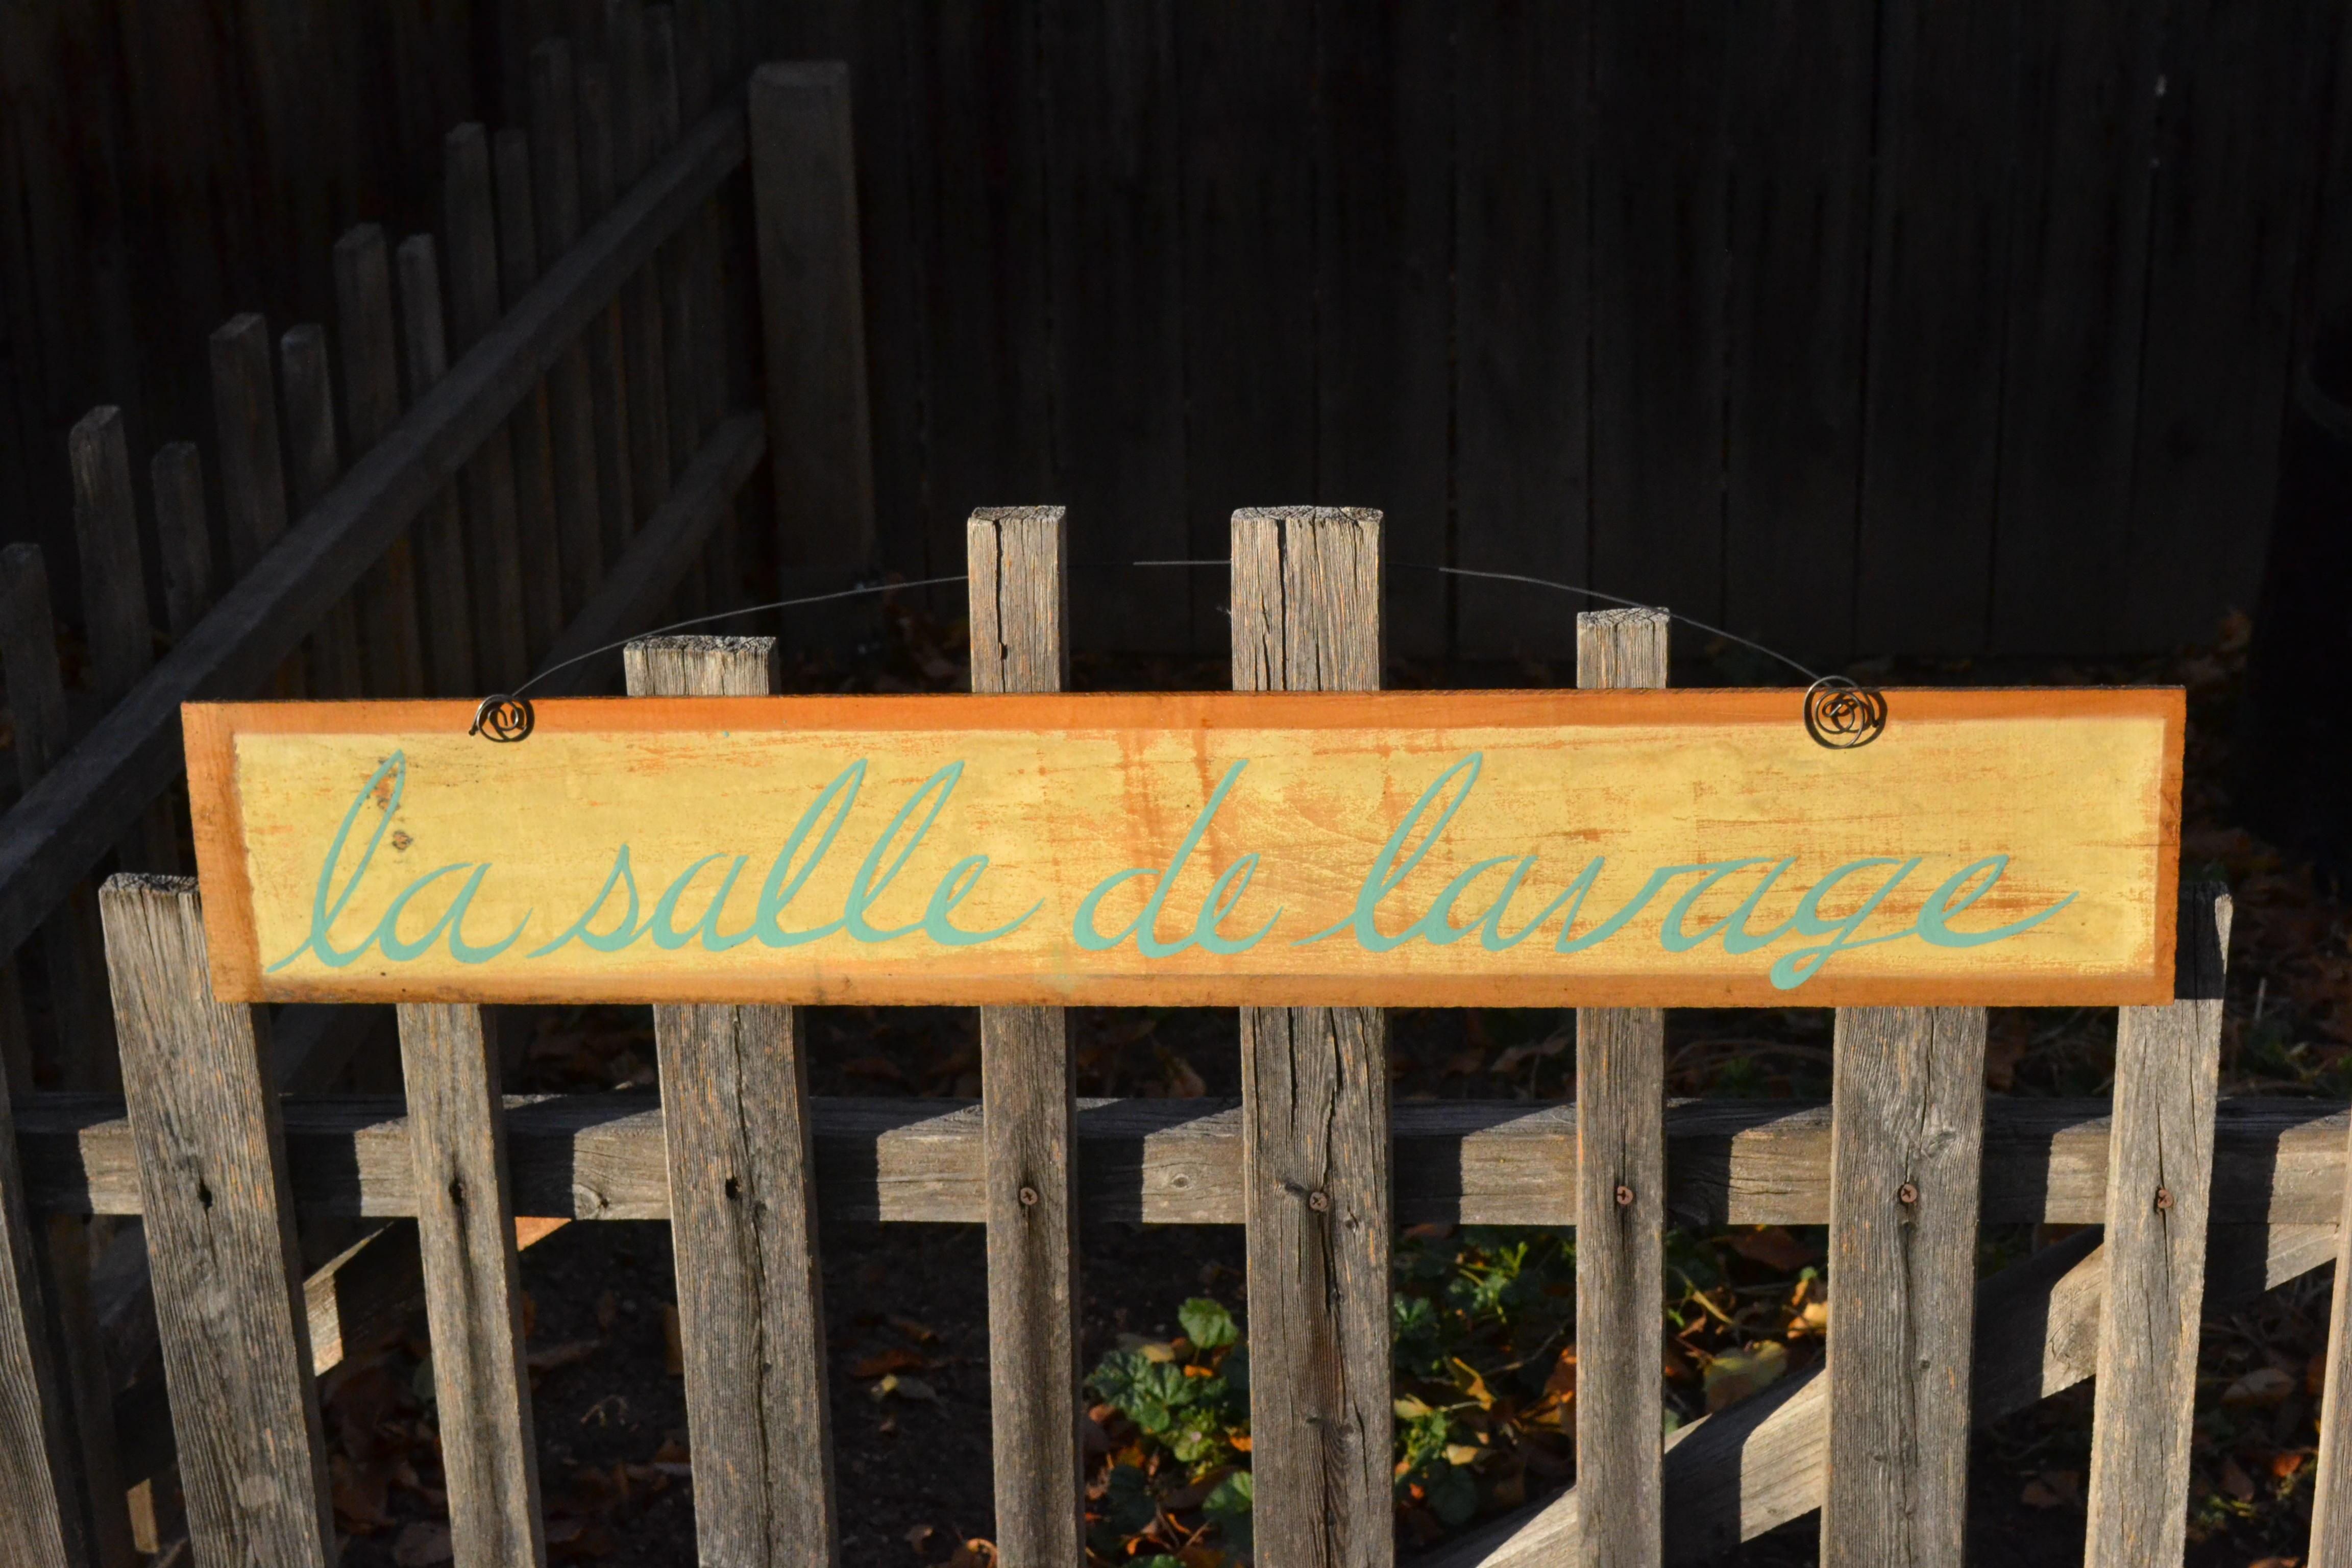 La Salle de Lavage sign